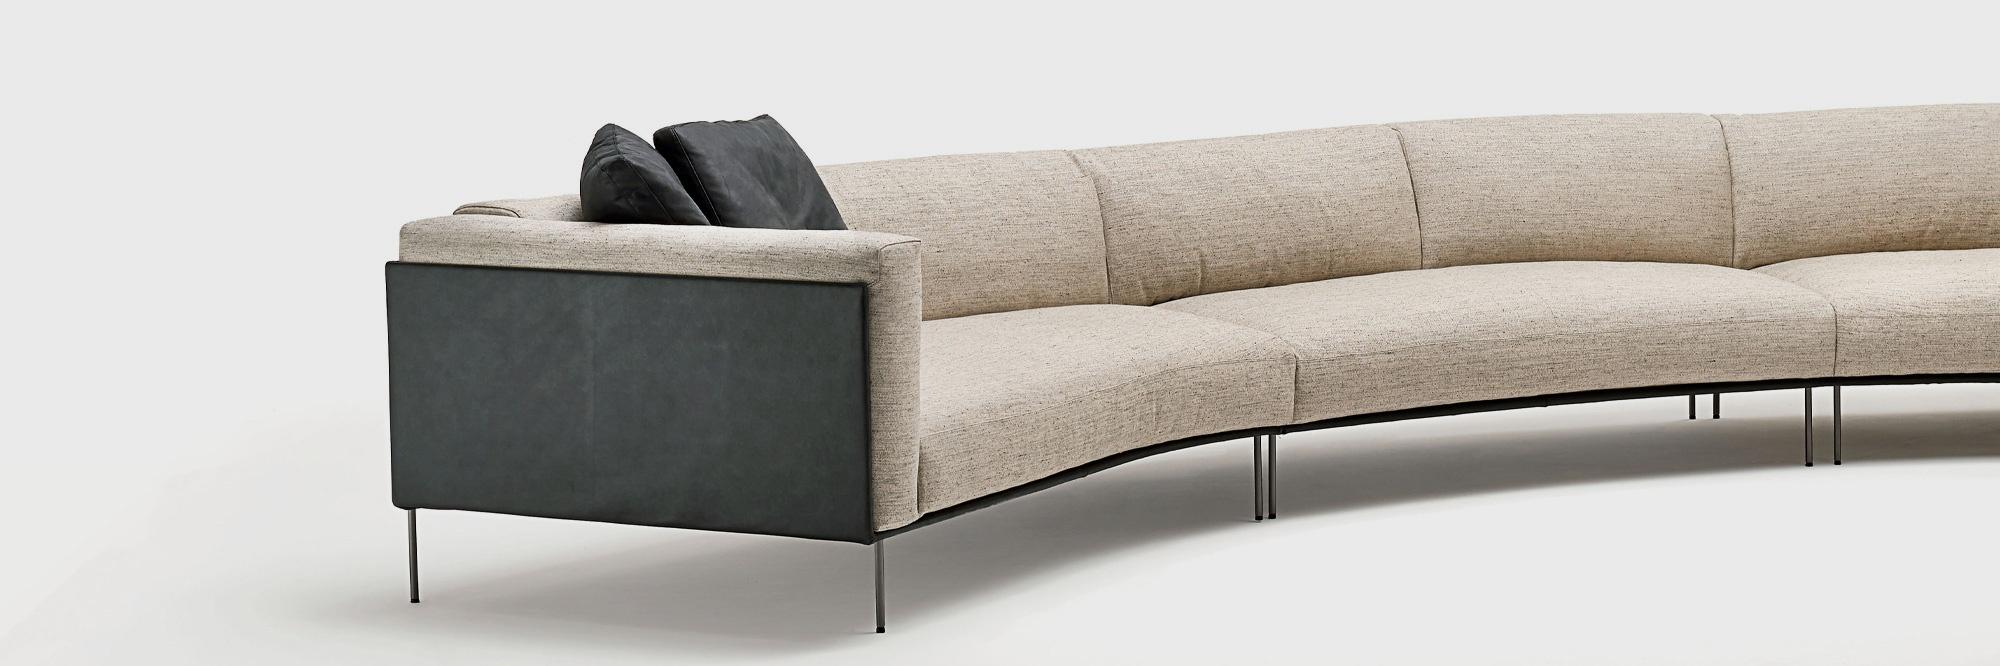 Colombo Divani A Meda lissoni & partners | product | living divani | metro2 | sofa